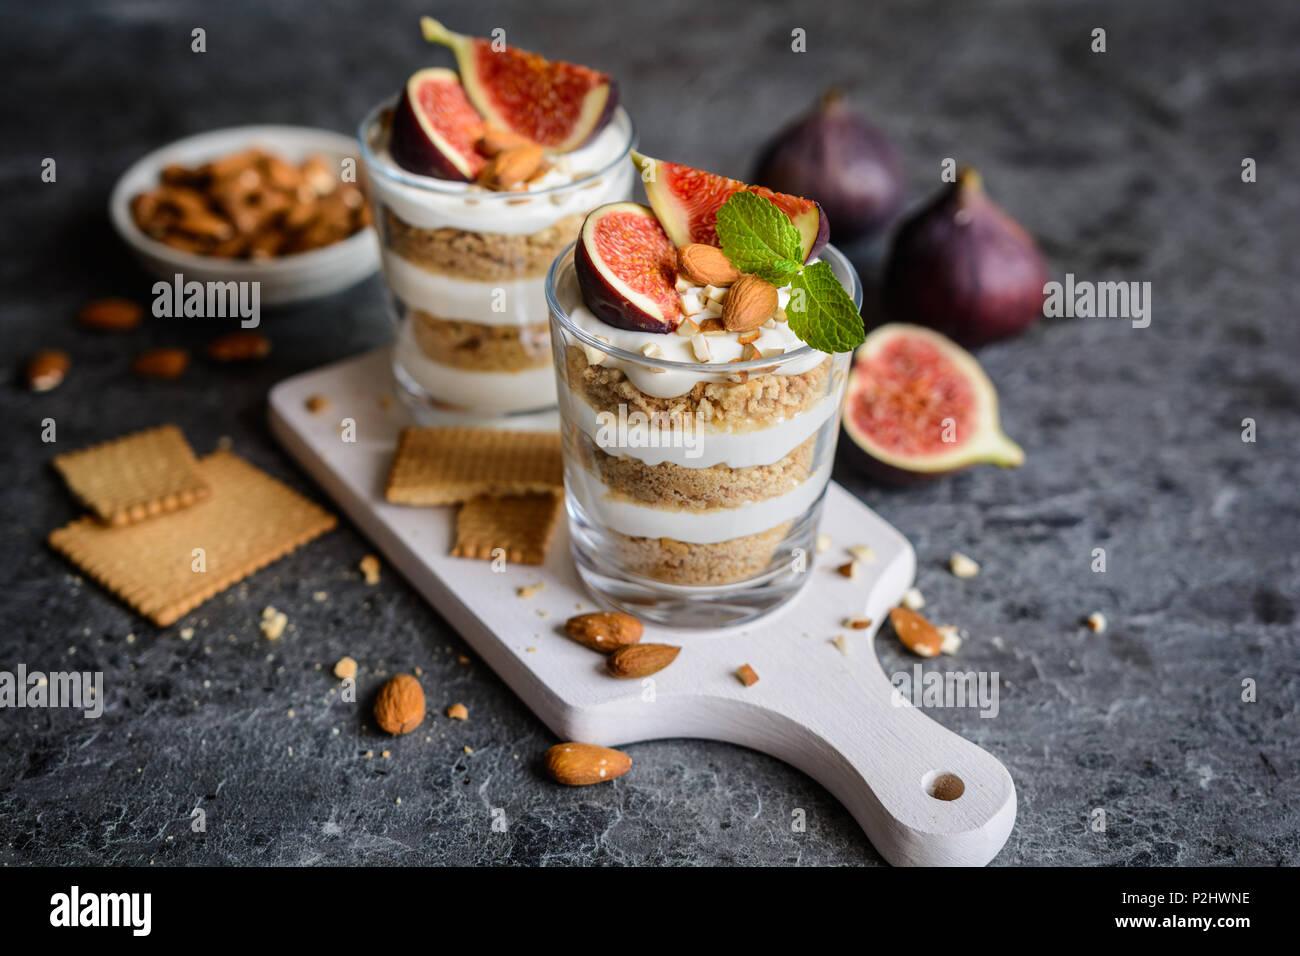 Dessert au mascarpone en couches avec des biscuits à la vanille broyées, figues et amandes dans un bocal en verre Photo Stock